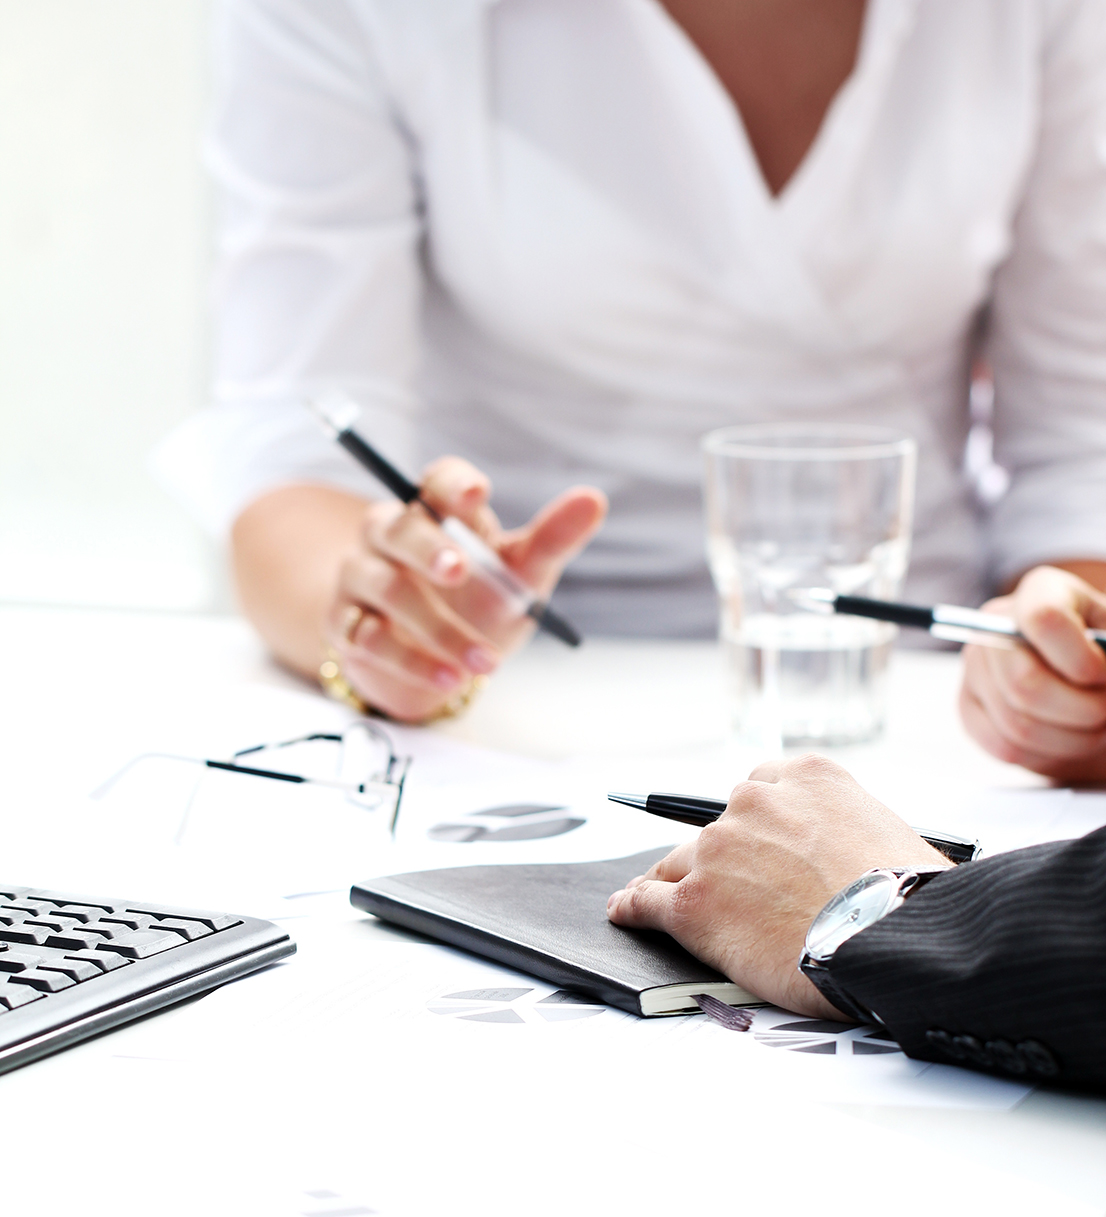 Handschlag: Befristung von Arbeitsverhältnissen